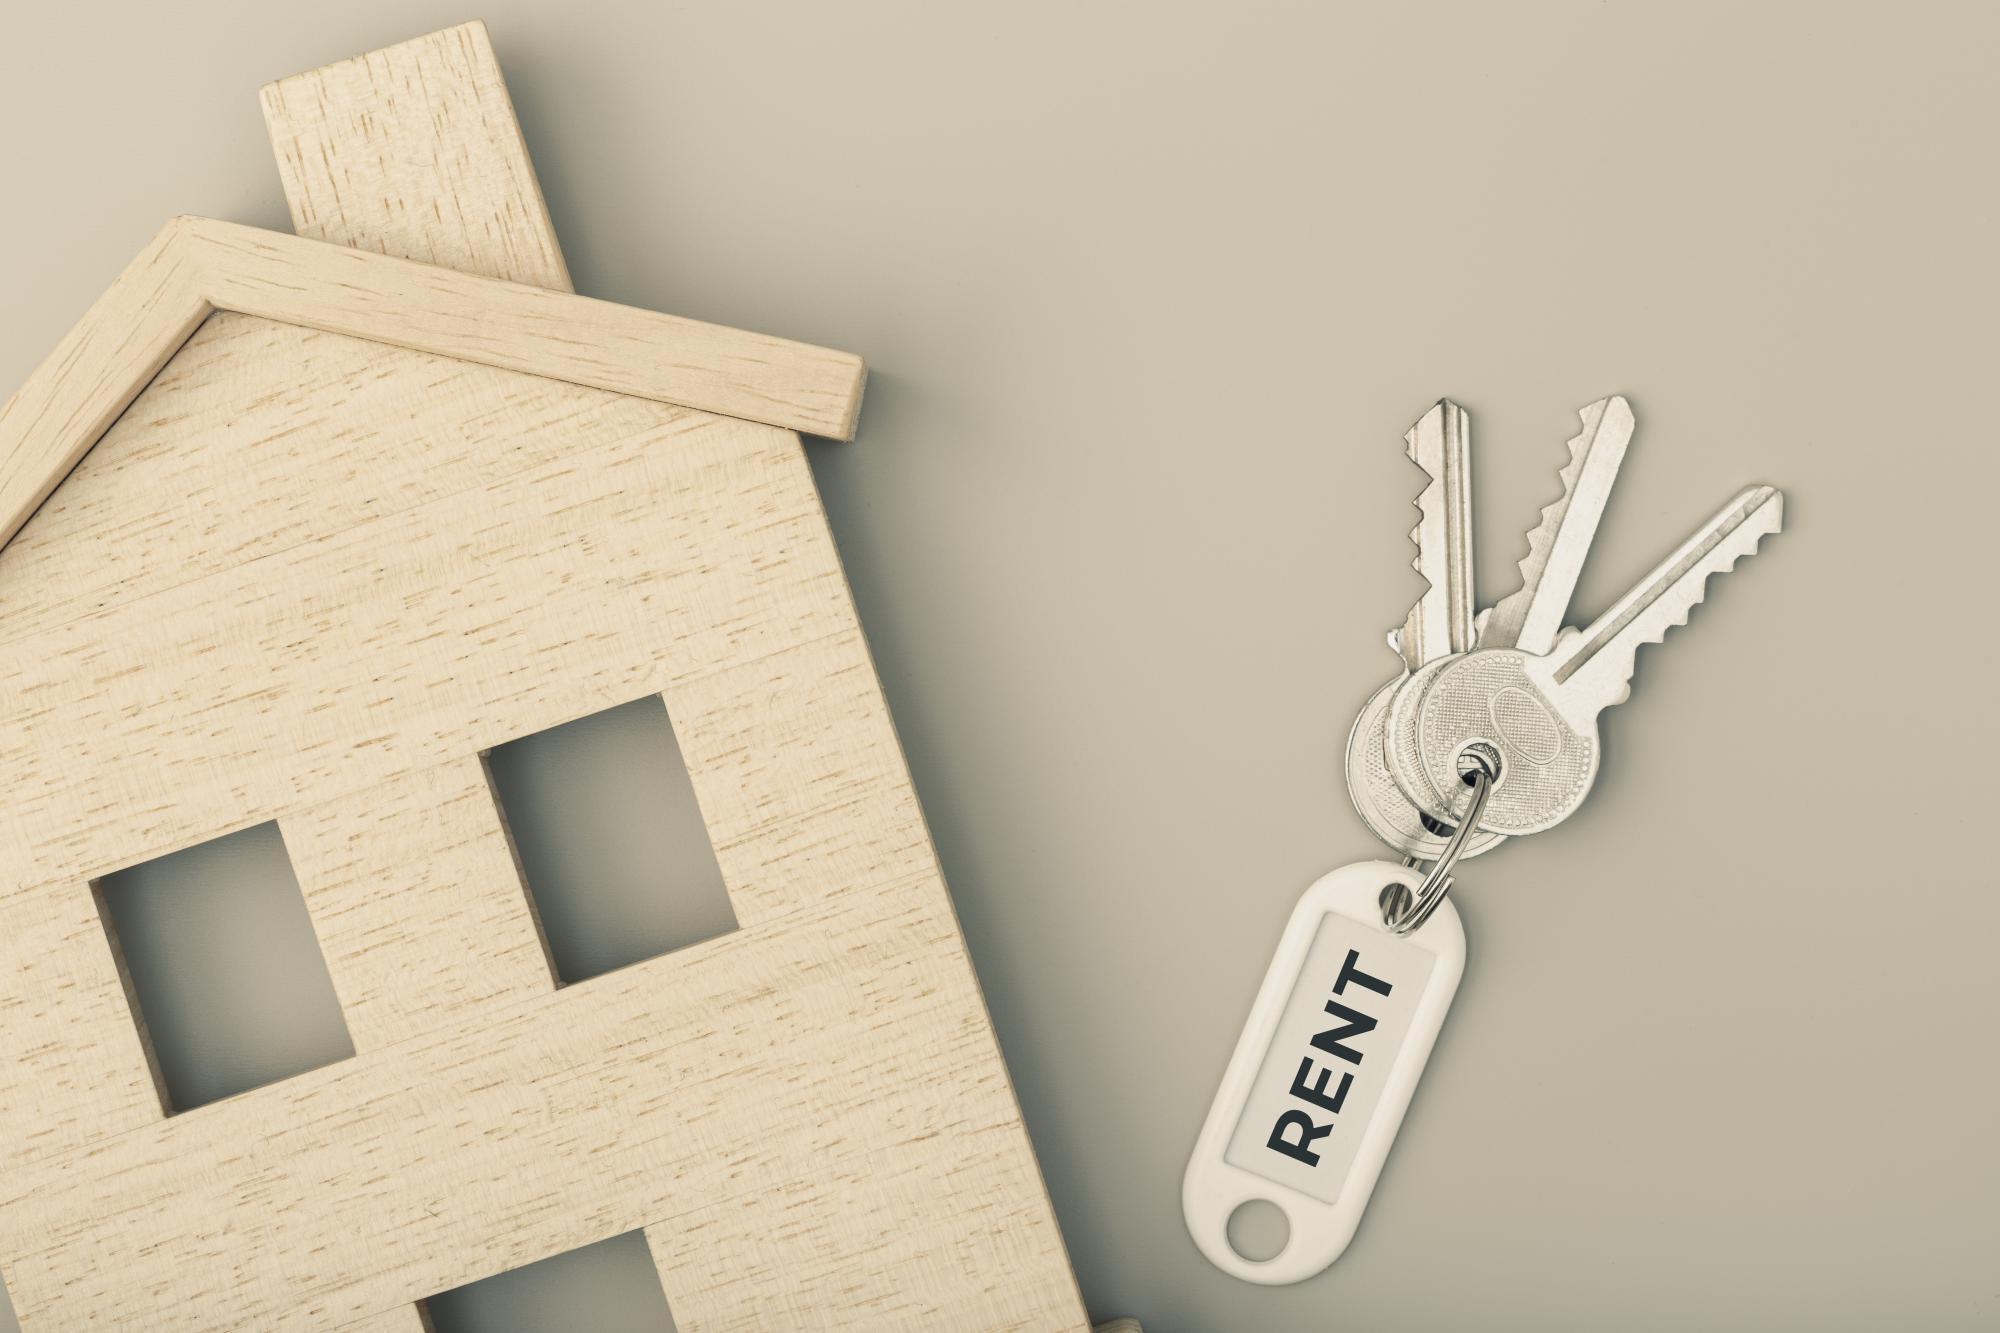 Что брать во внимание при расчете – начисление аренды или момент оплаты?